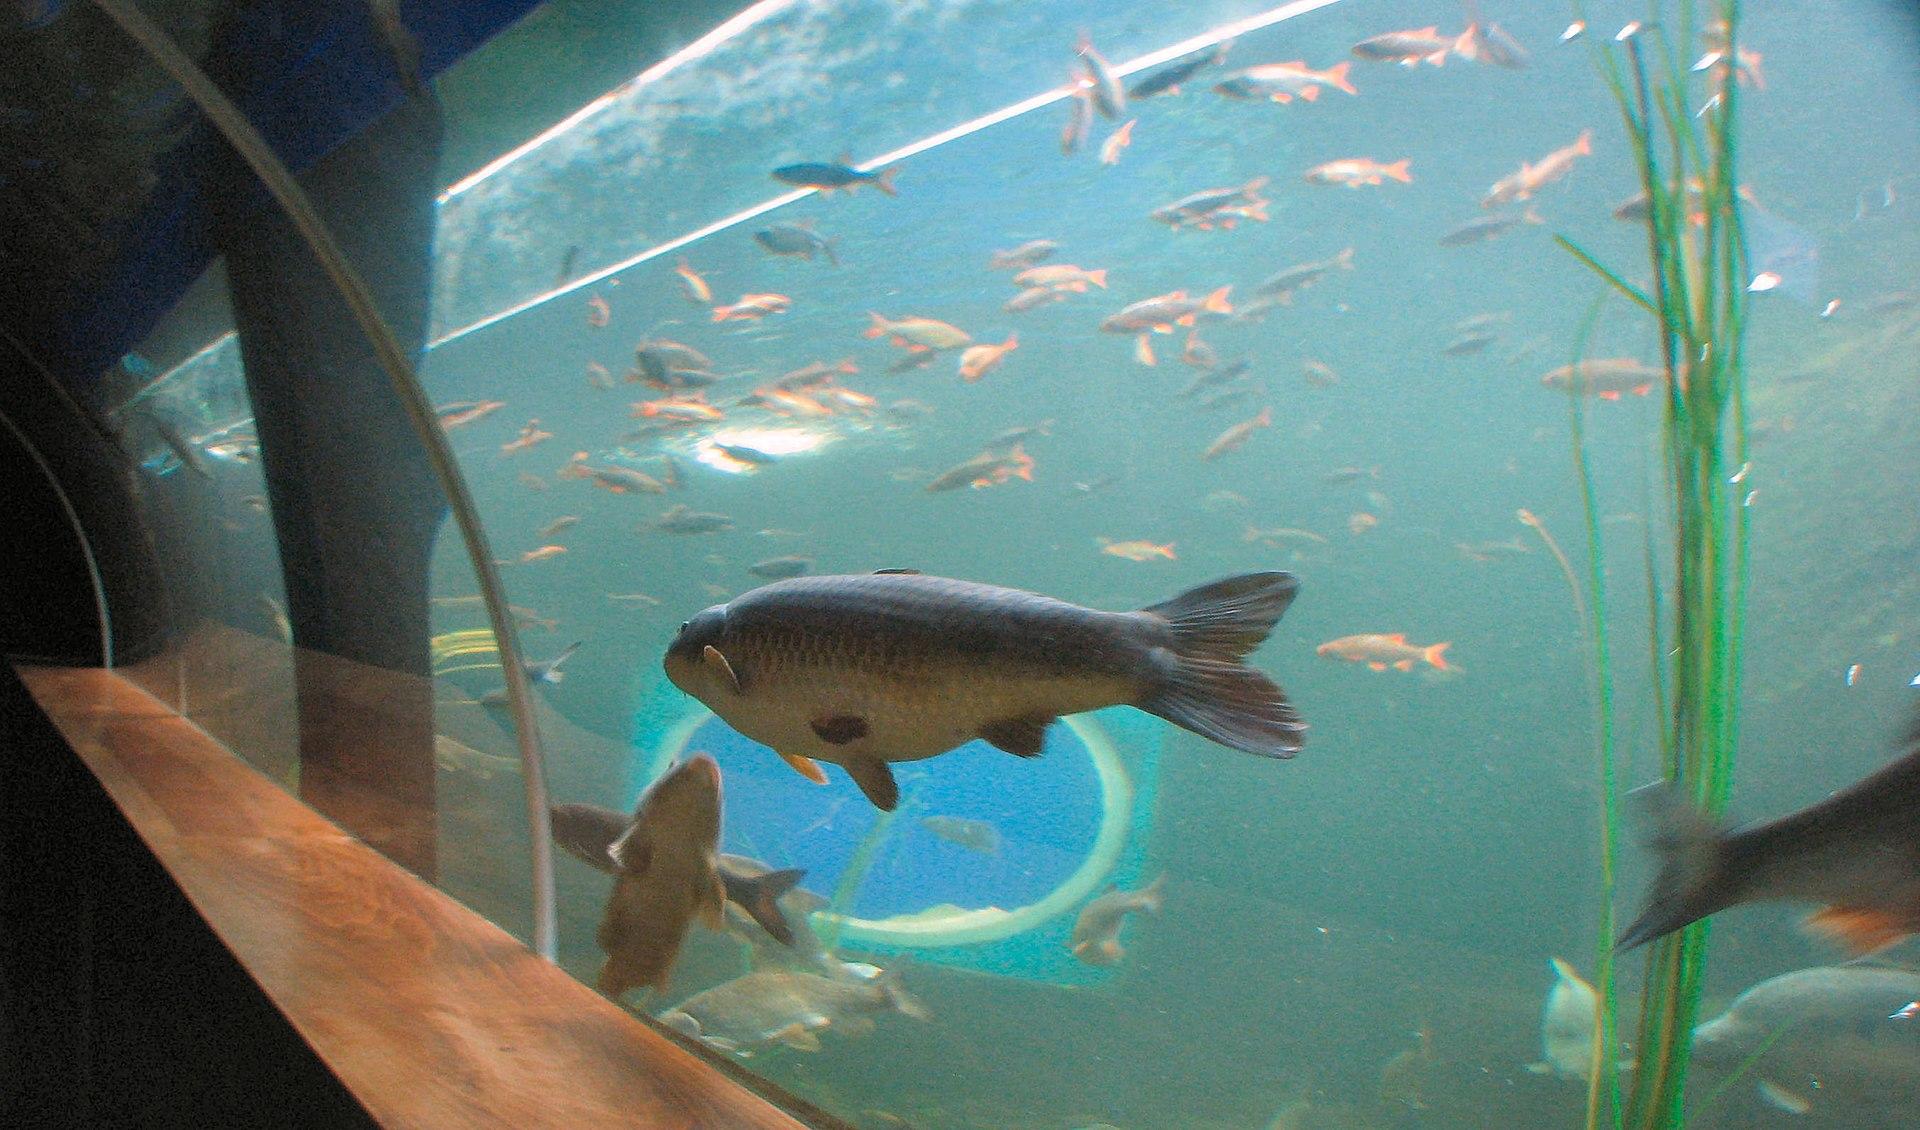 Lakes Aquarium - Wikip...